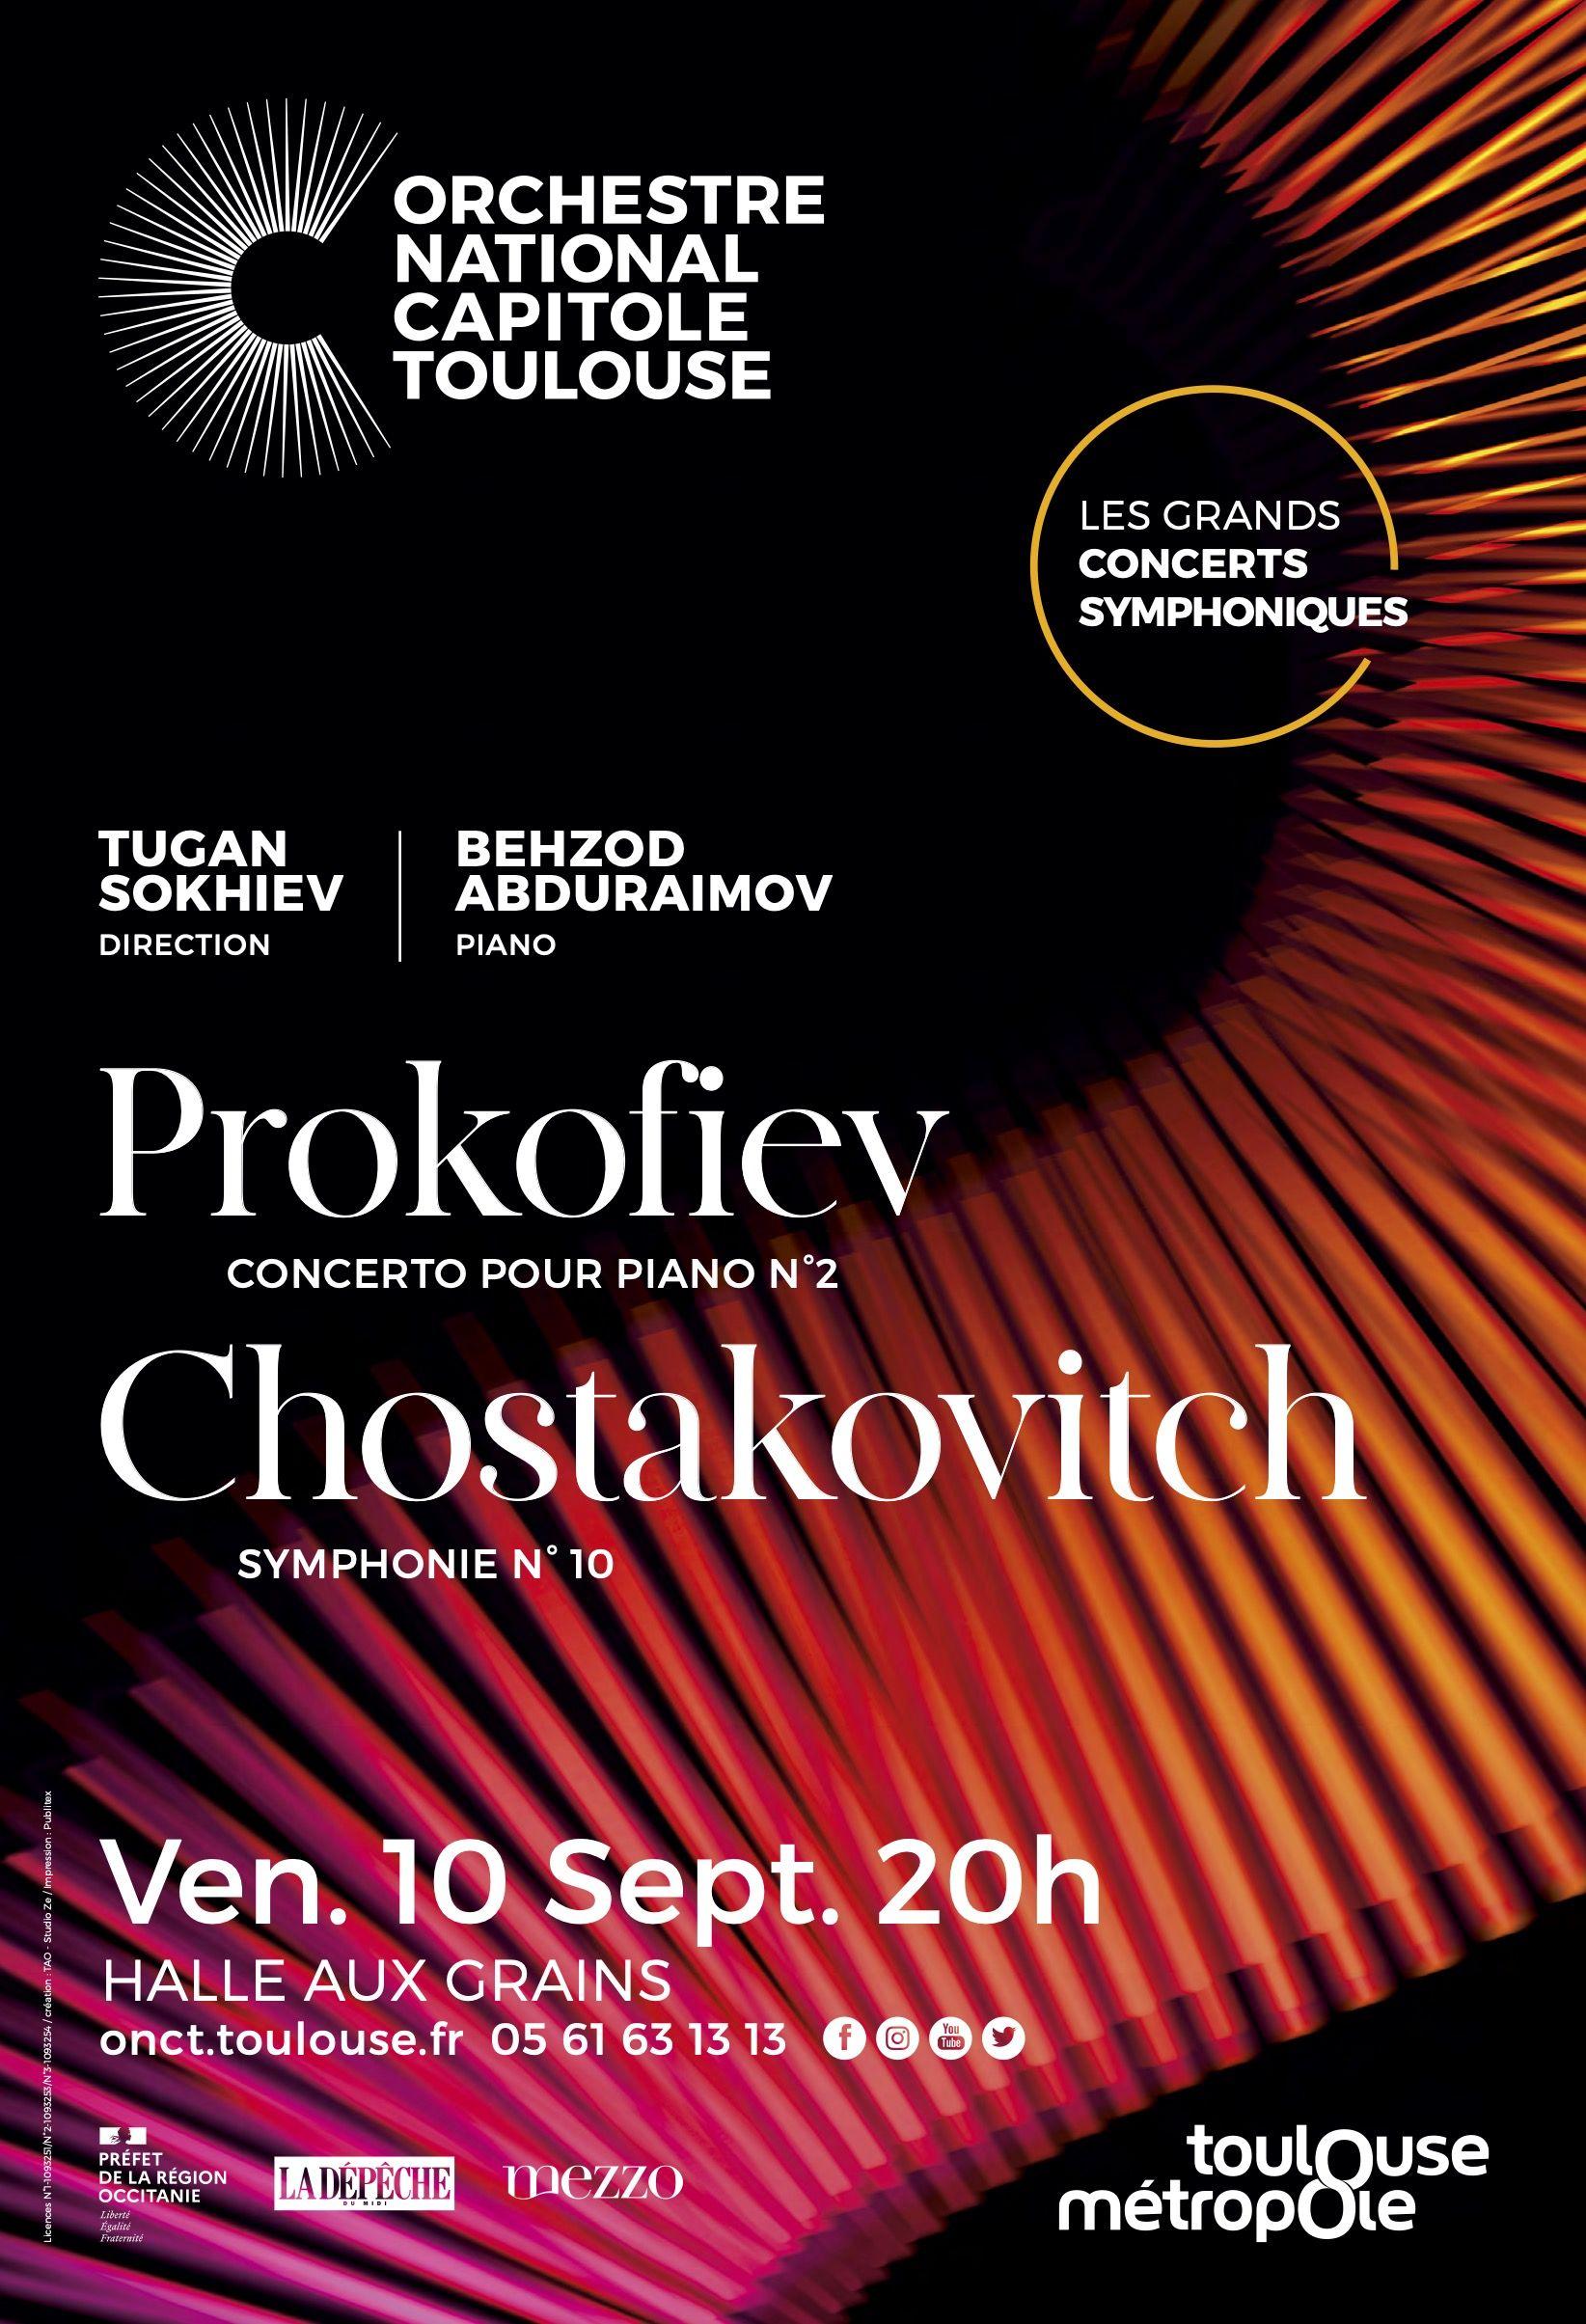 Orchestre national du Capitole - Prokofiev 10 sept